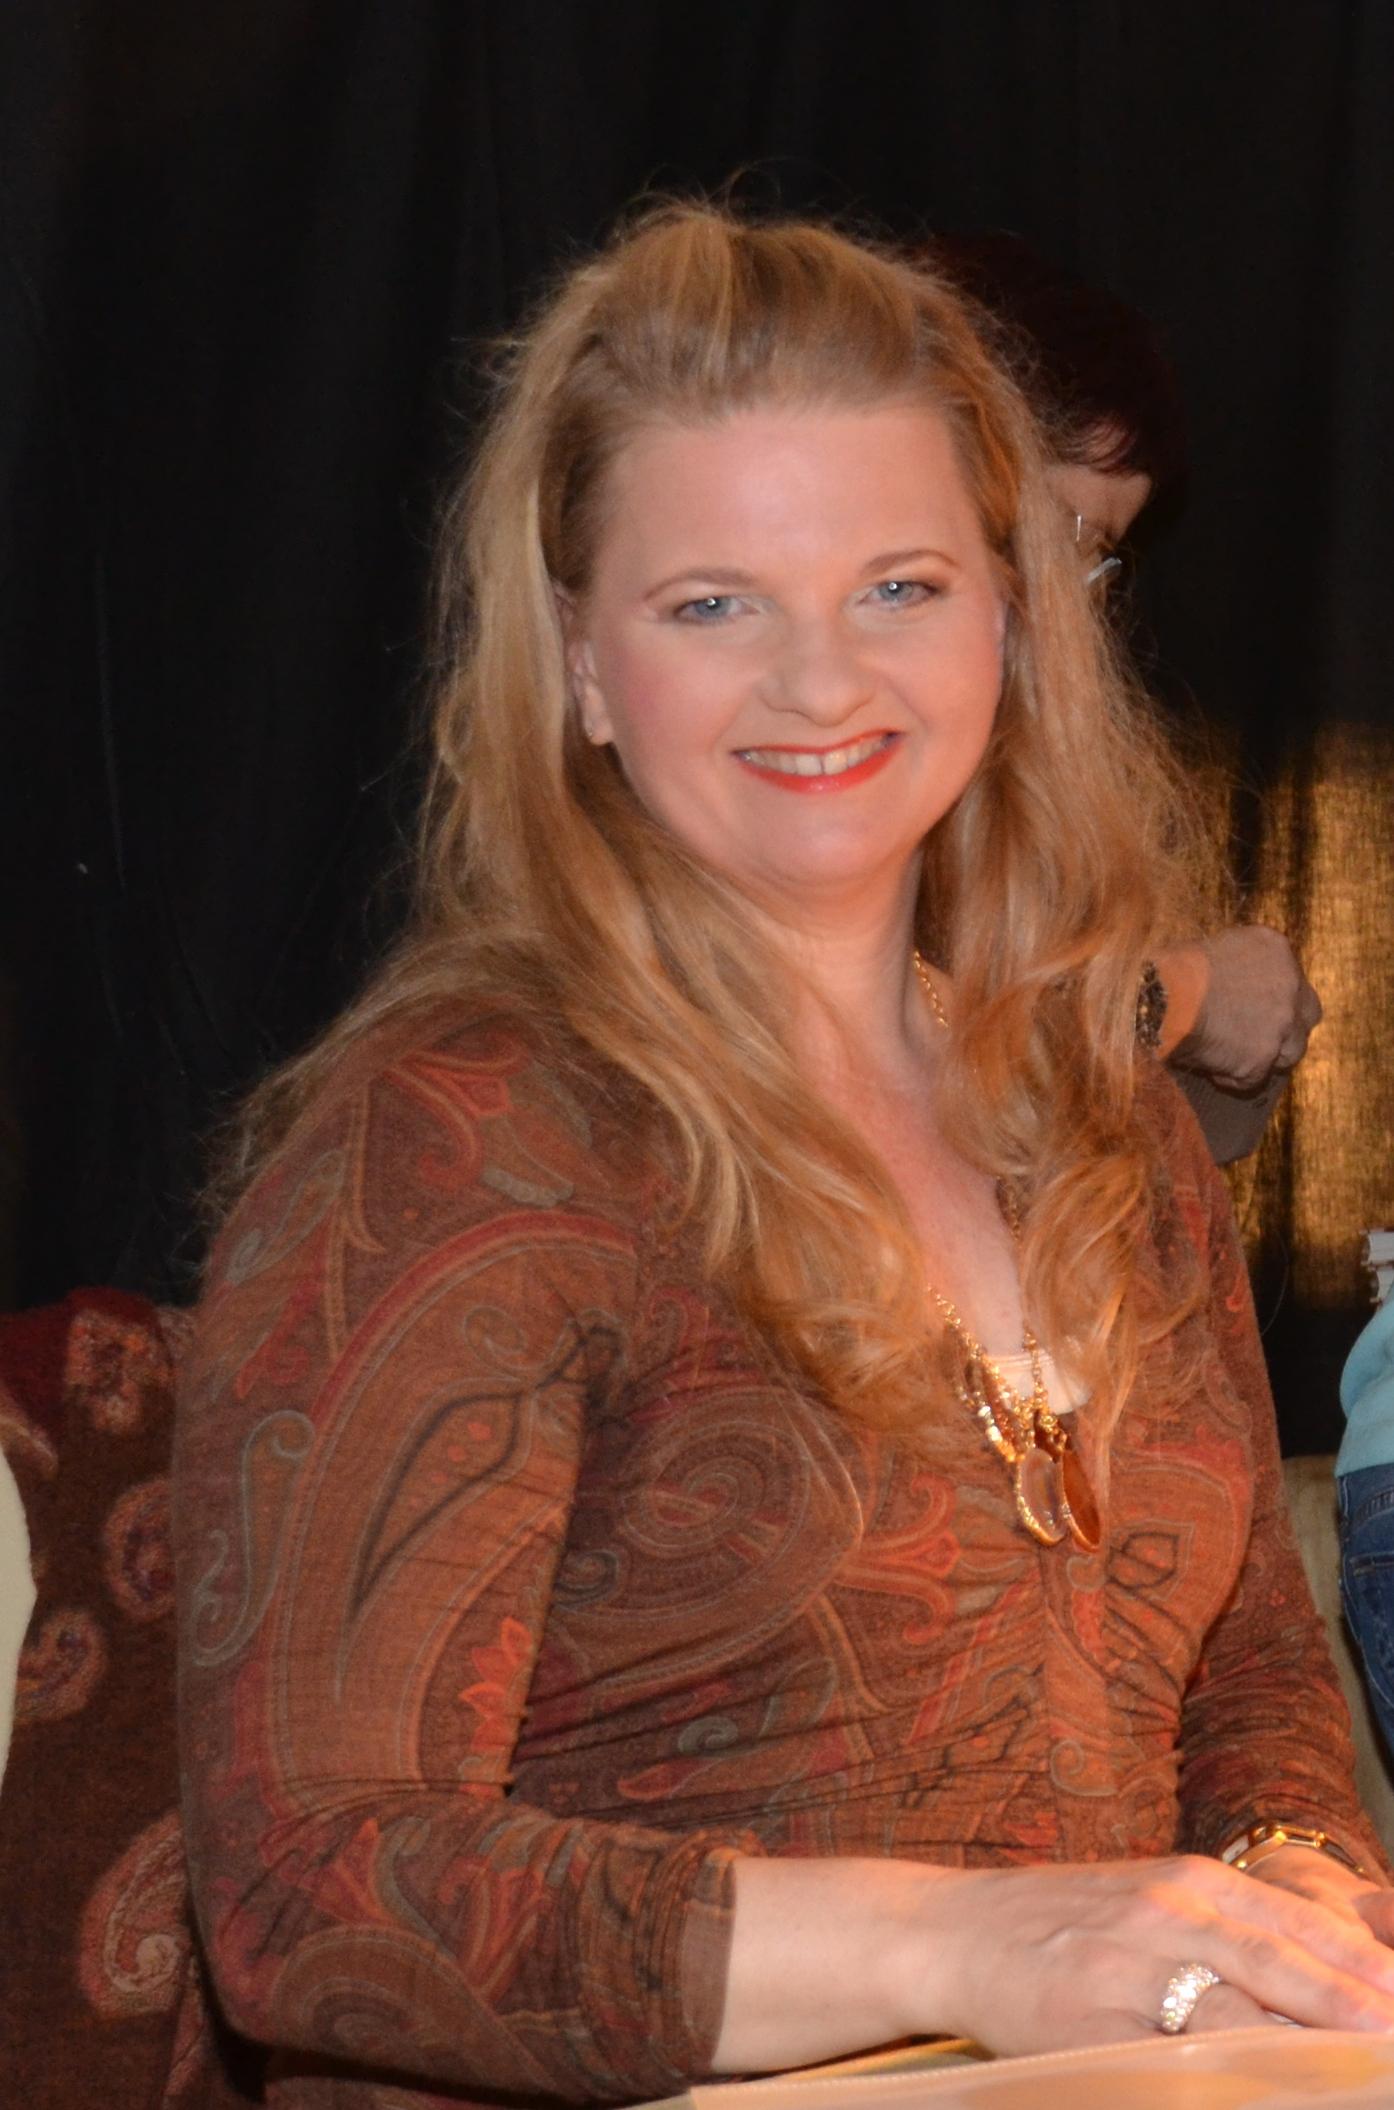 Ulrike Beimpold net worth